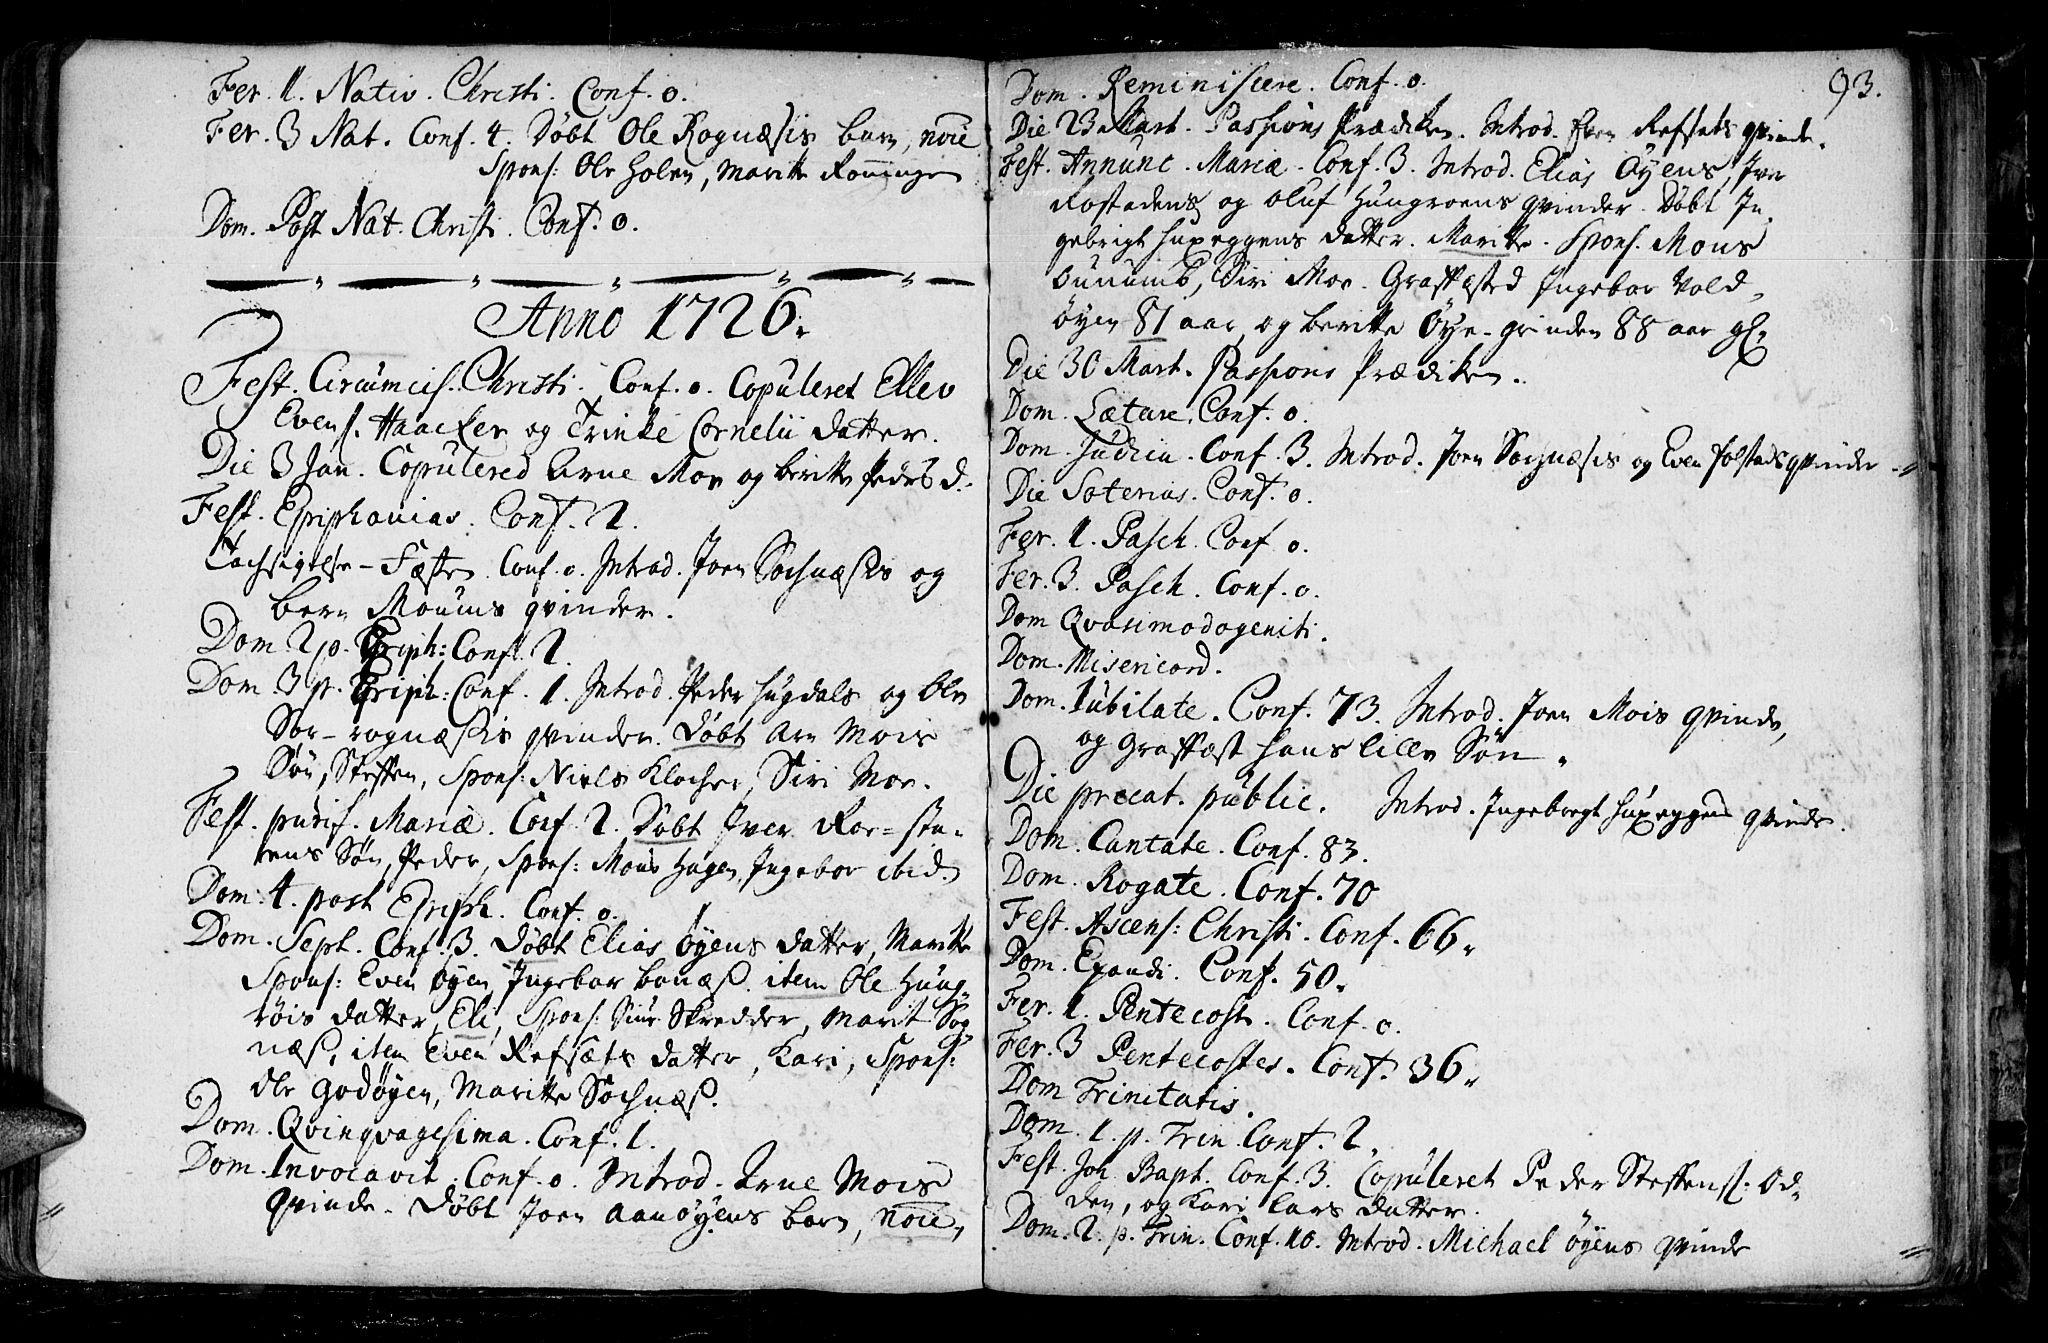 SAT, Ministerialprotokoller, klokkerbøker og fødselsregistre - Sør-Trøndelag, 687/L0990: Ministerialbok nr. 687A01, 1690-1746, s. 93